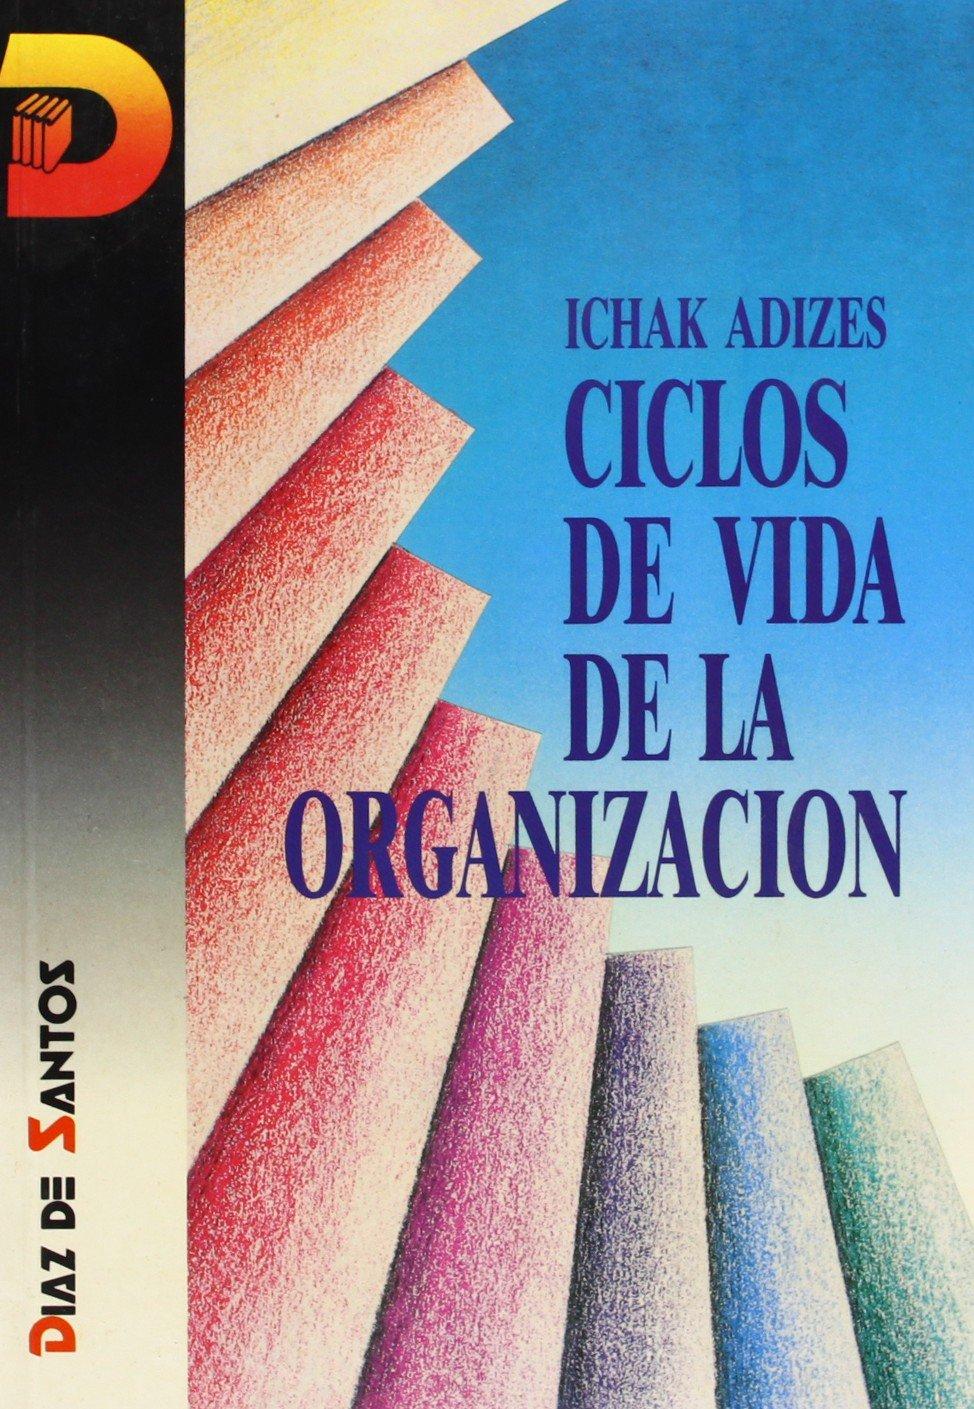 Ciclos de vida de la organización: Amazon.es: Adizes, Ichak: Libros